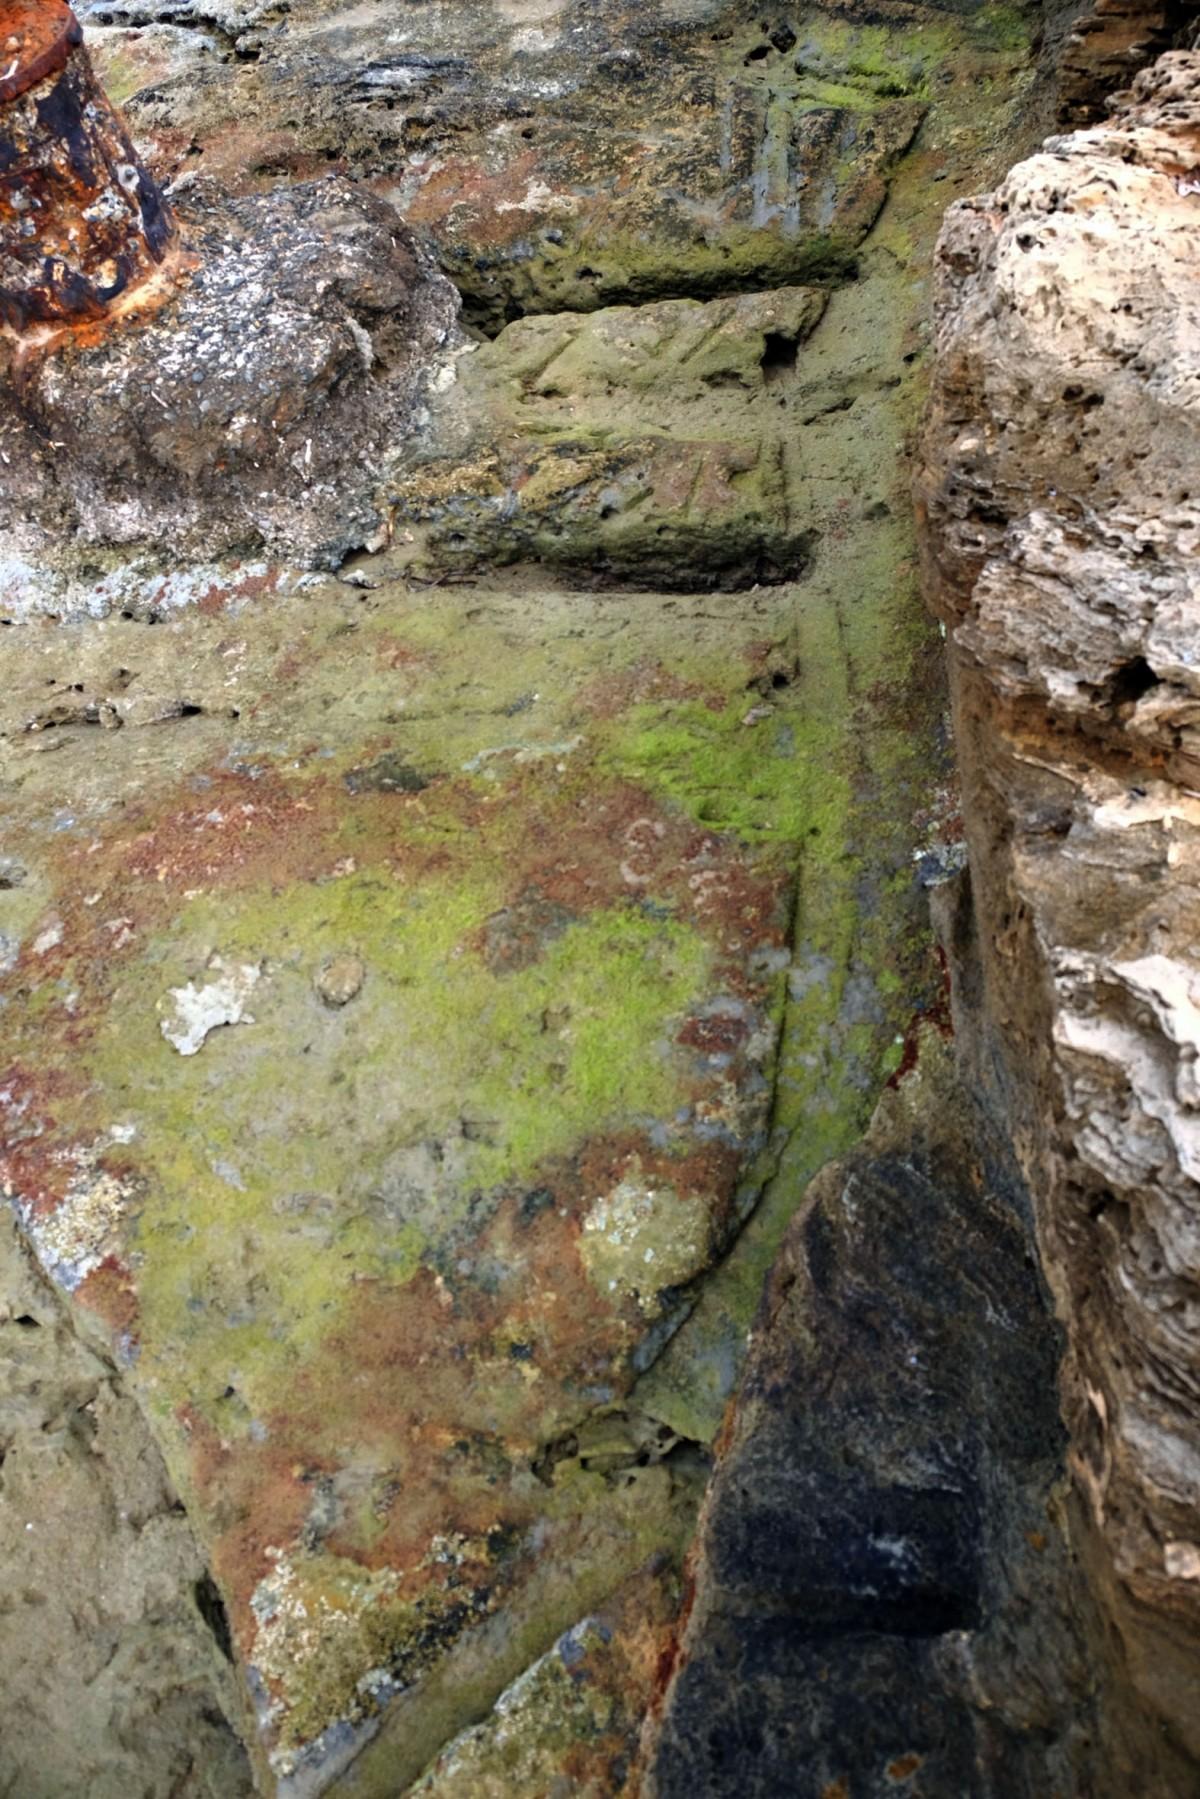 Τεχνολογία όπως η σημερινή με χρήση νερού στην καθέλκυση και λαξευμένα στο βράχο σχέδια